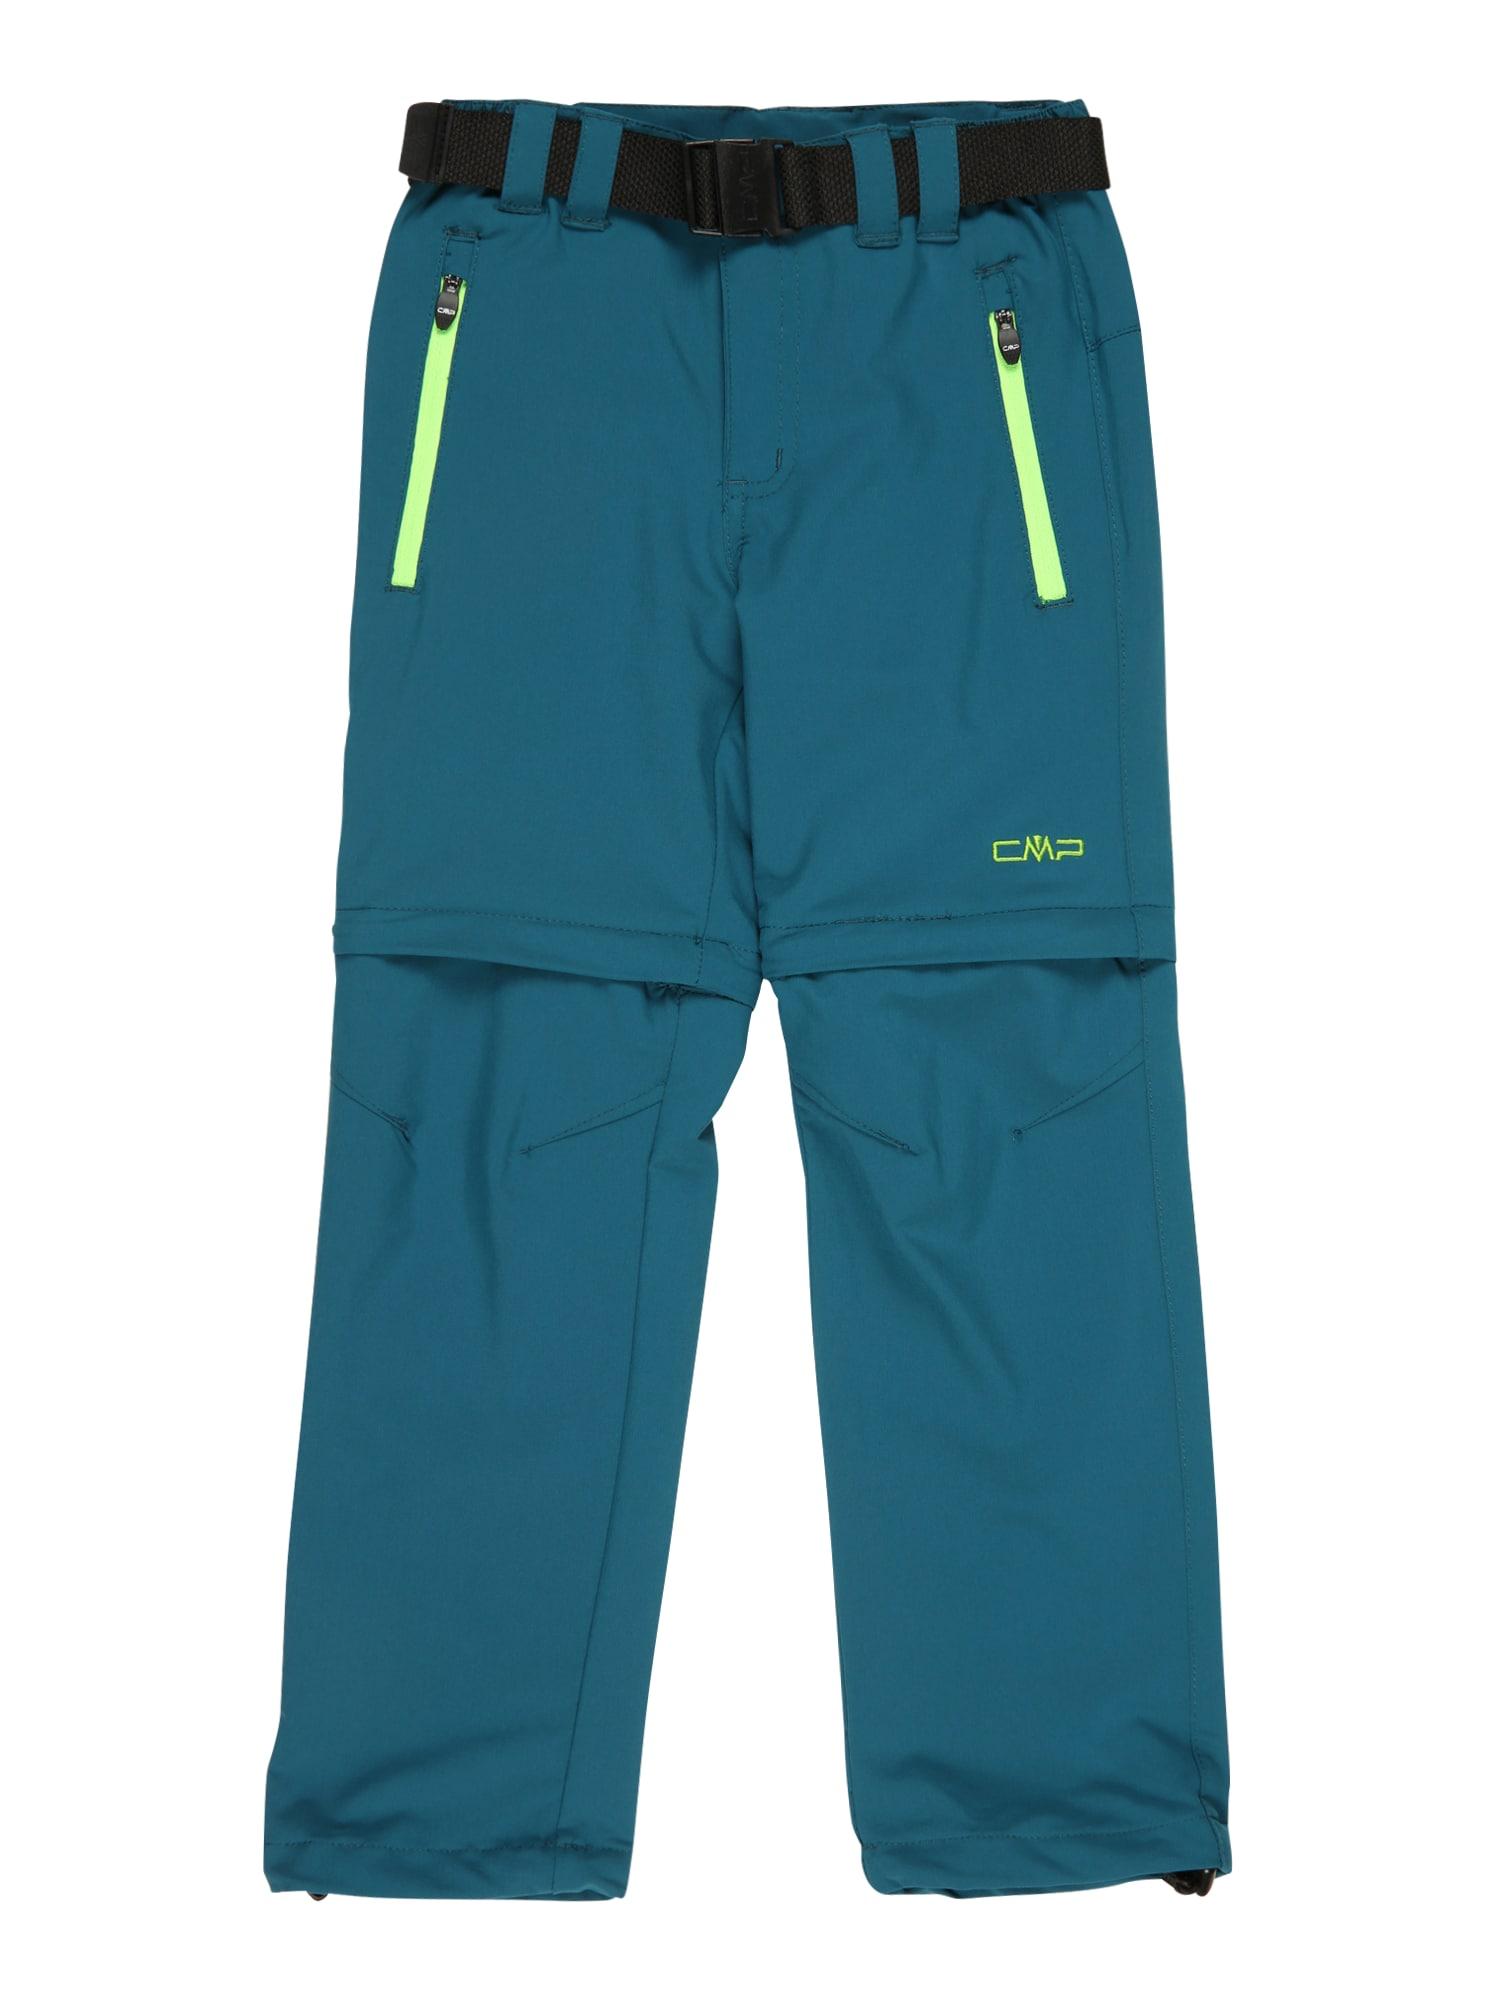 CMP Laisvalaikio kelnės pastelinė mėlyna / žaliosios citrinos spalva